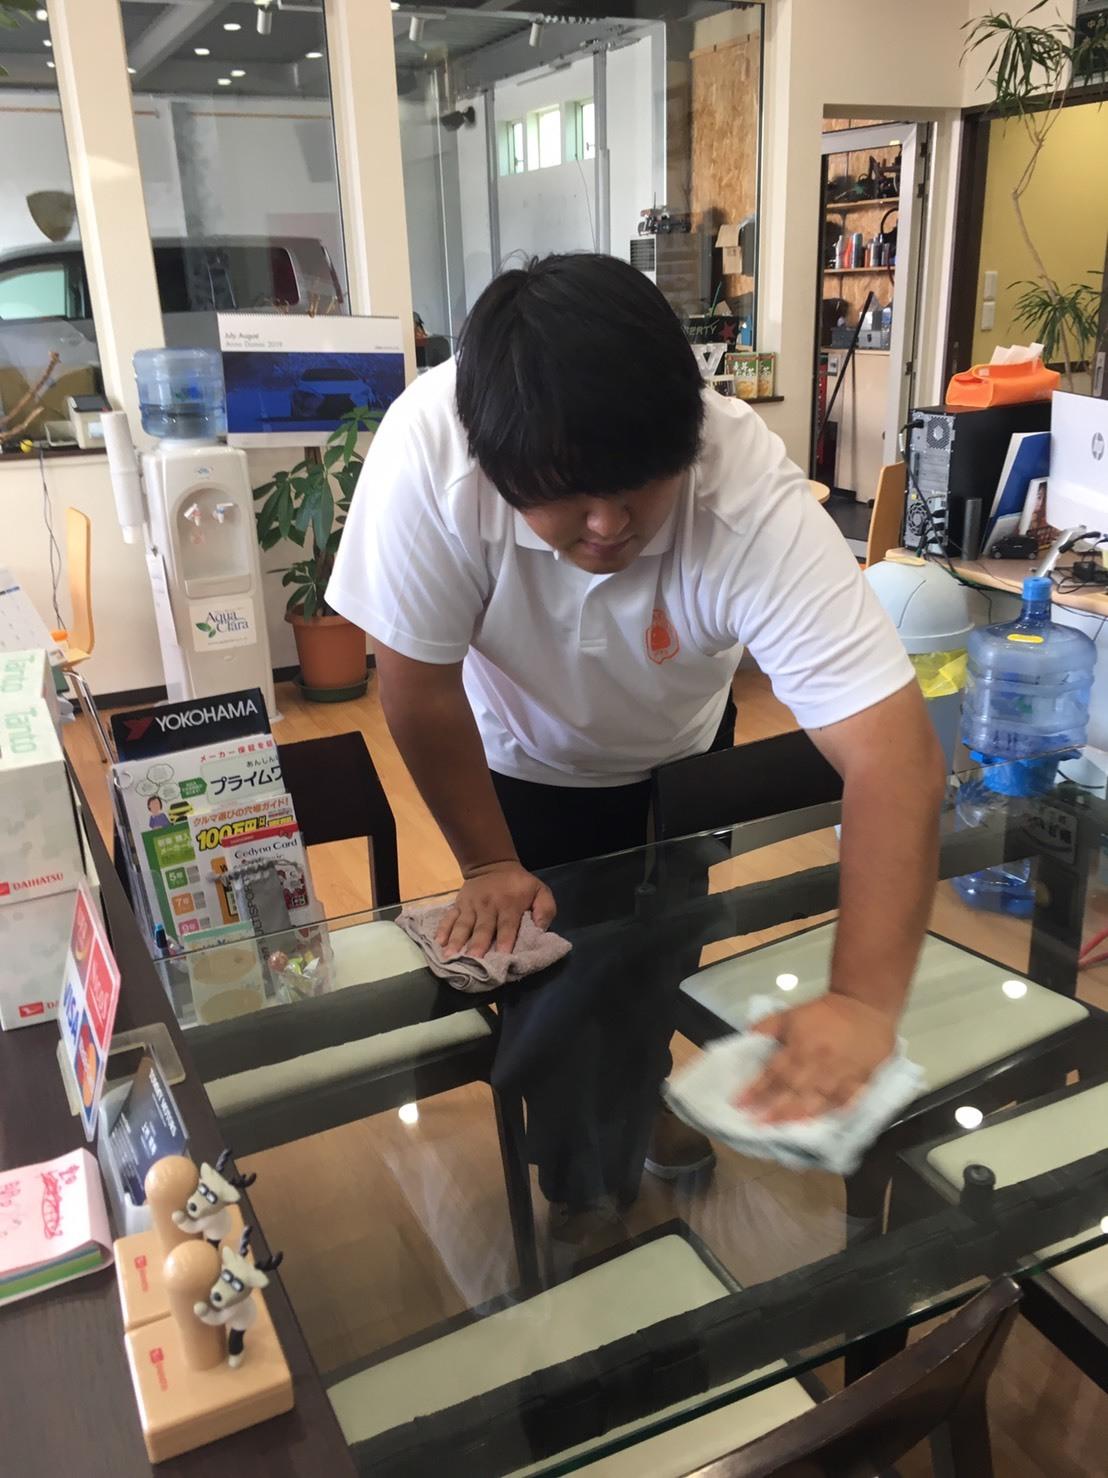 8月31日[土]本店ブログ☆ハマー K様納車!!決算セールやってます✊ランクル ハマー ベンツ♡TOMMY♡_b0127002_17301719.jpg